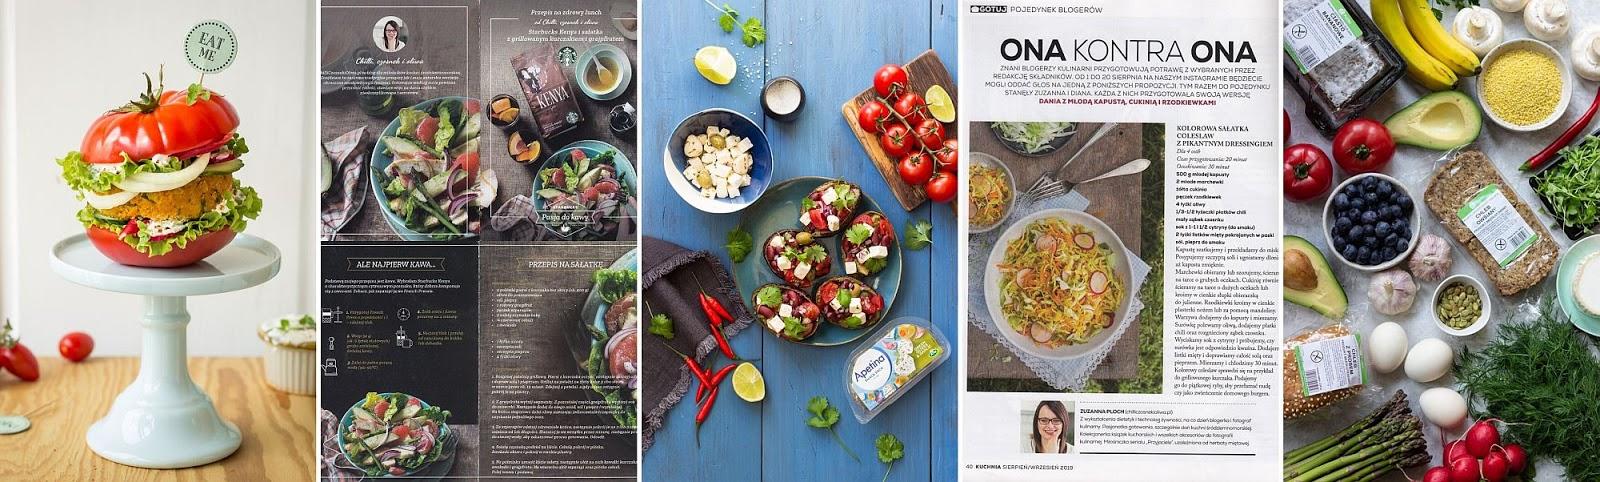 Fotograf Kulinarny Warszawa Zuzanna Ploch portfolio